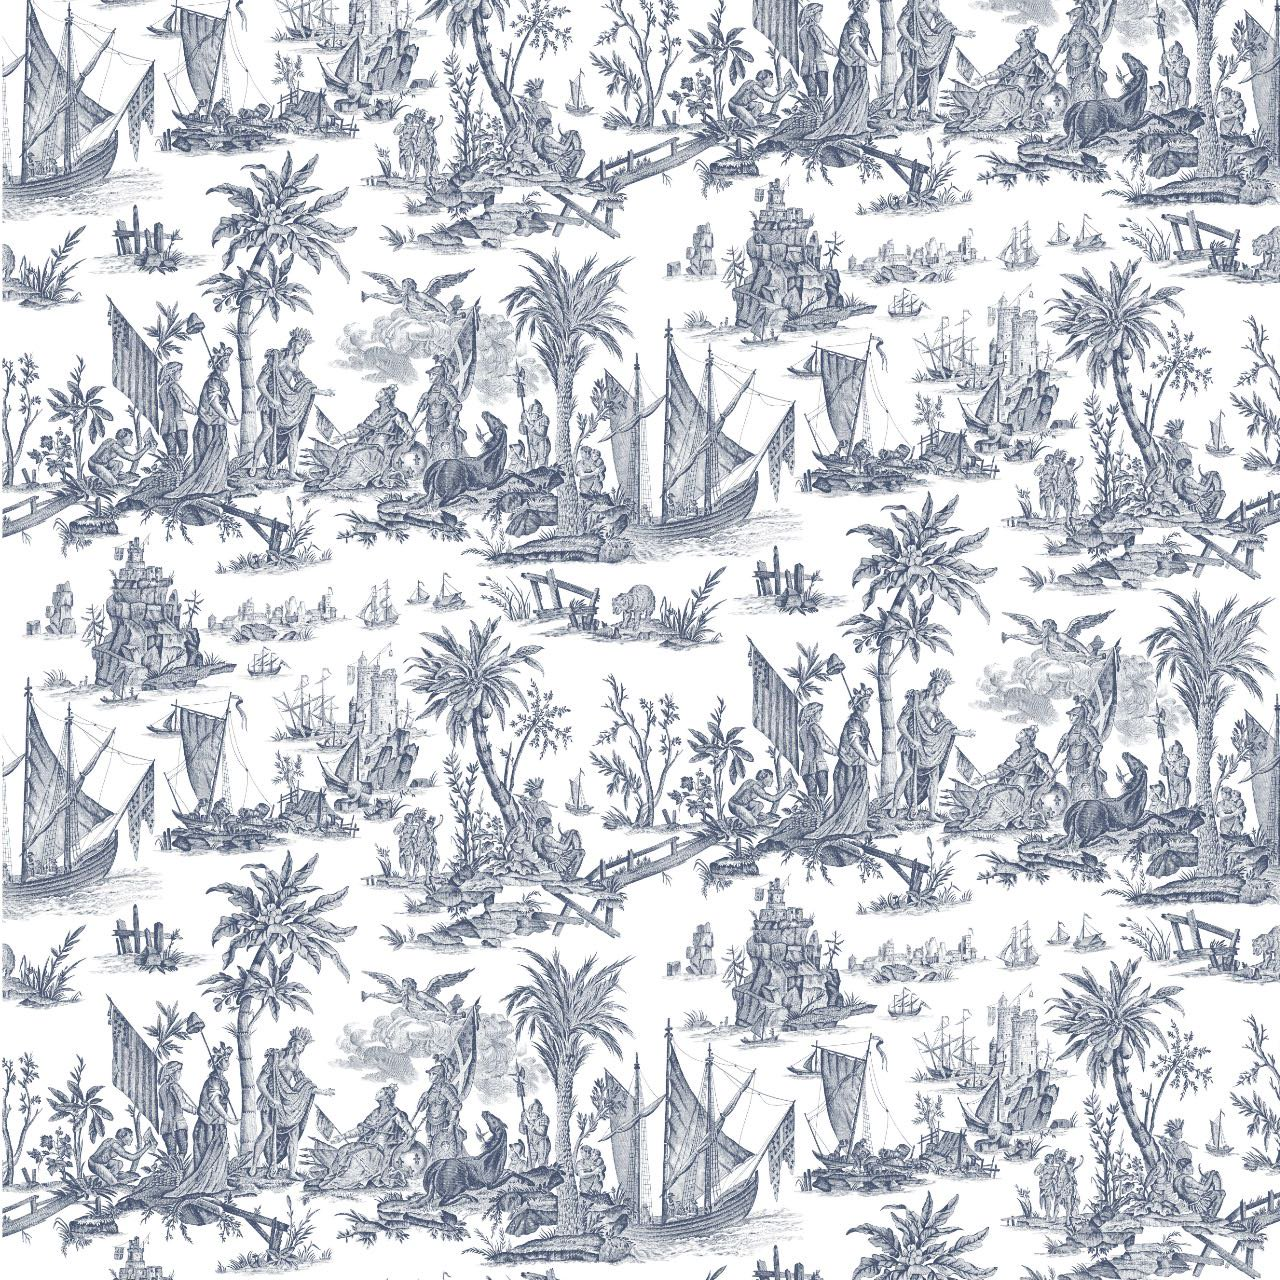 フランス壁紙 フリース(不織布) トワル・ド・ジュイ デザイン 《ラファイエット》 ブルー